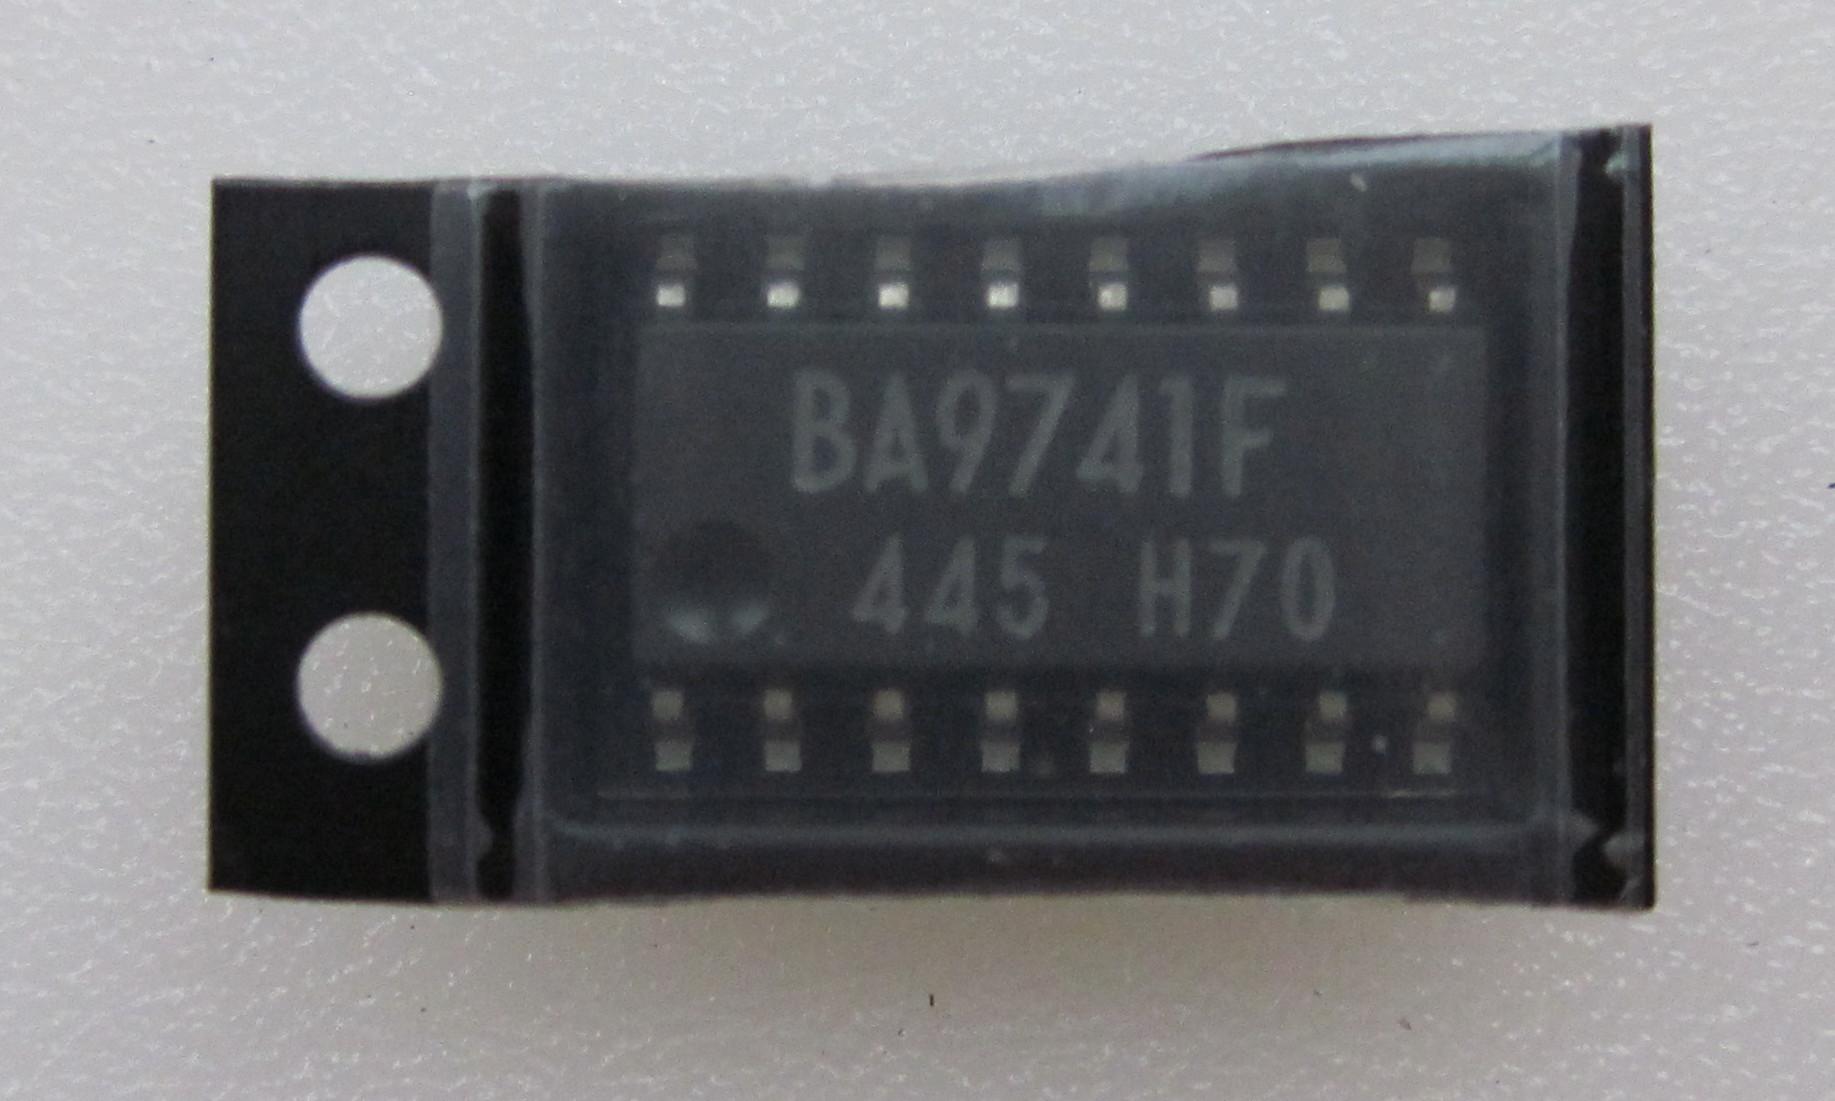 BA9741F smd